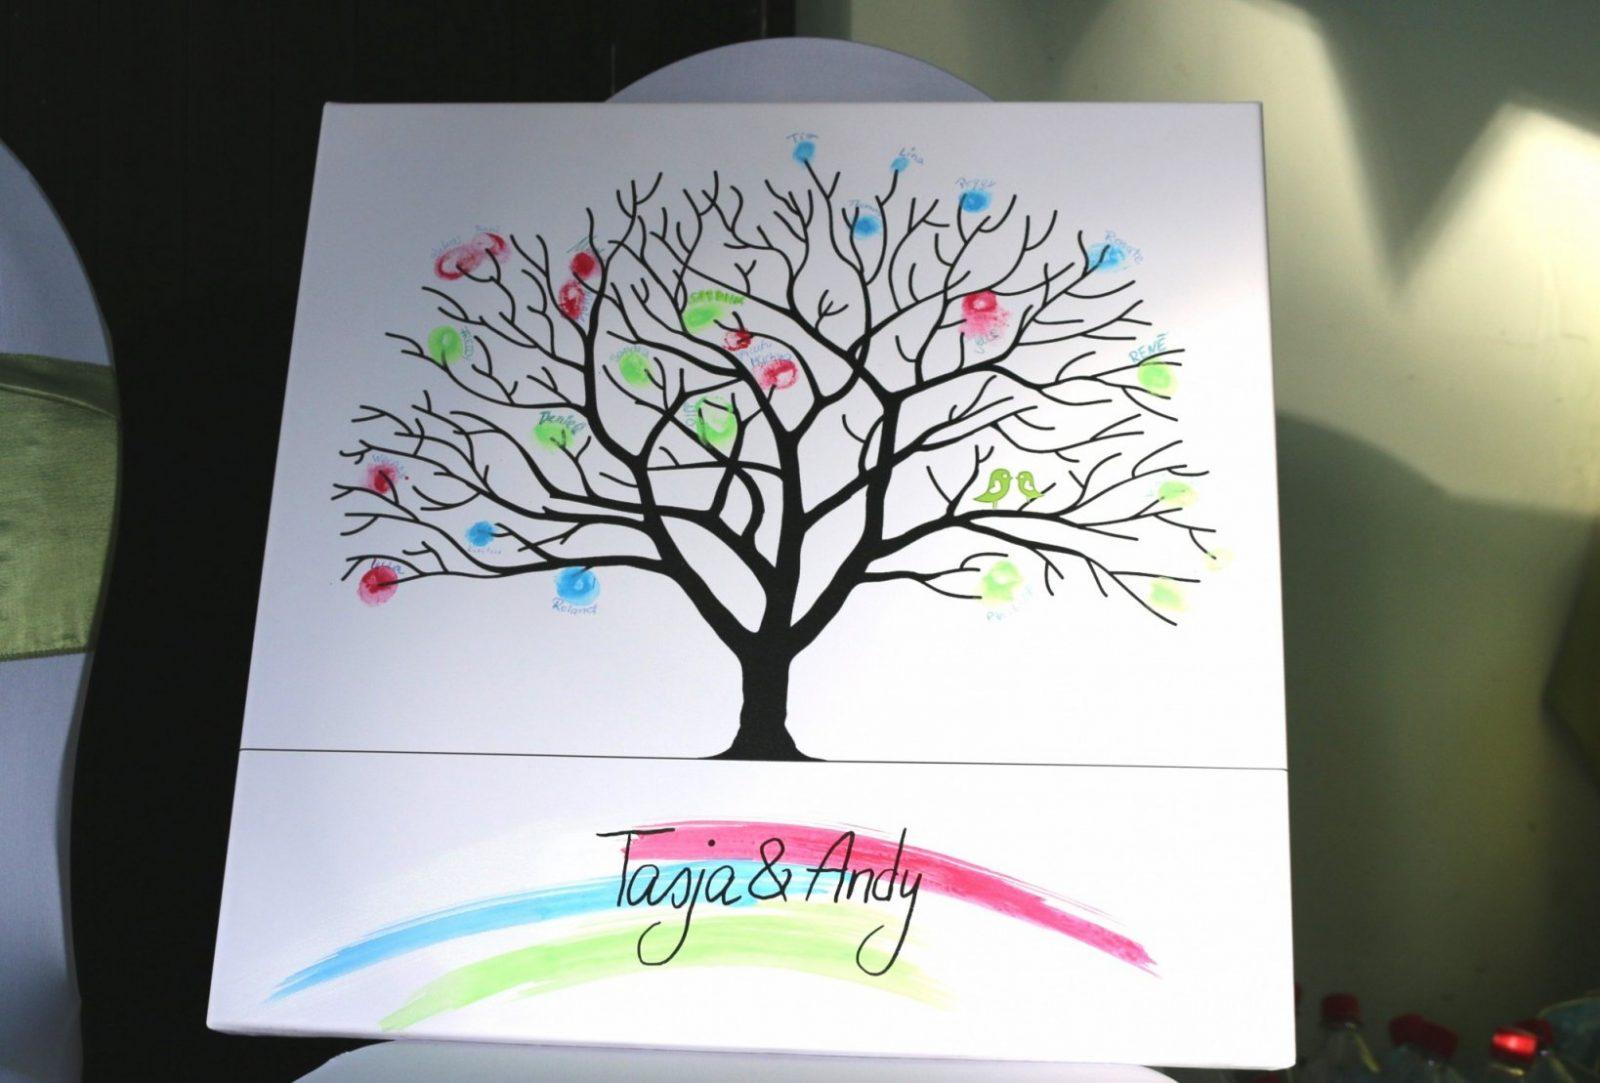 Hochzeitsbaum Auf Leinwand Selbst Gestalten von Keilrahmen Gestalten Vorlagen Ideen Bild